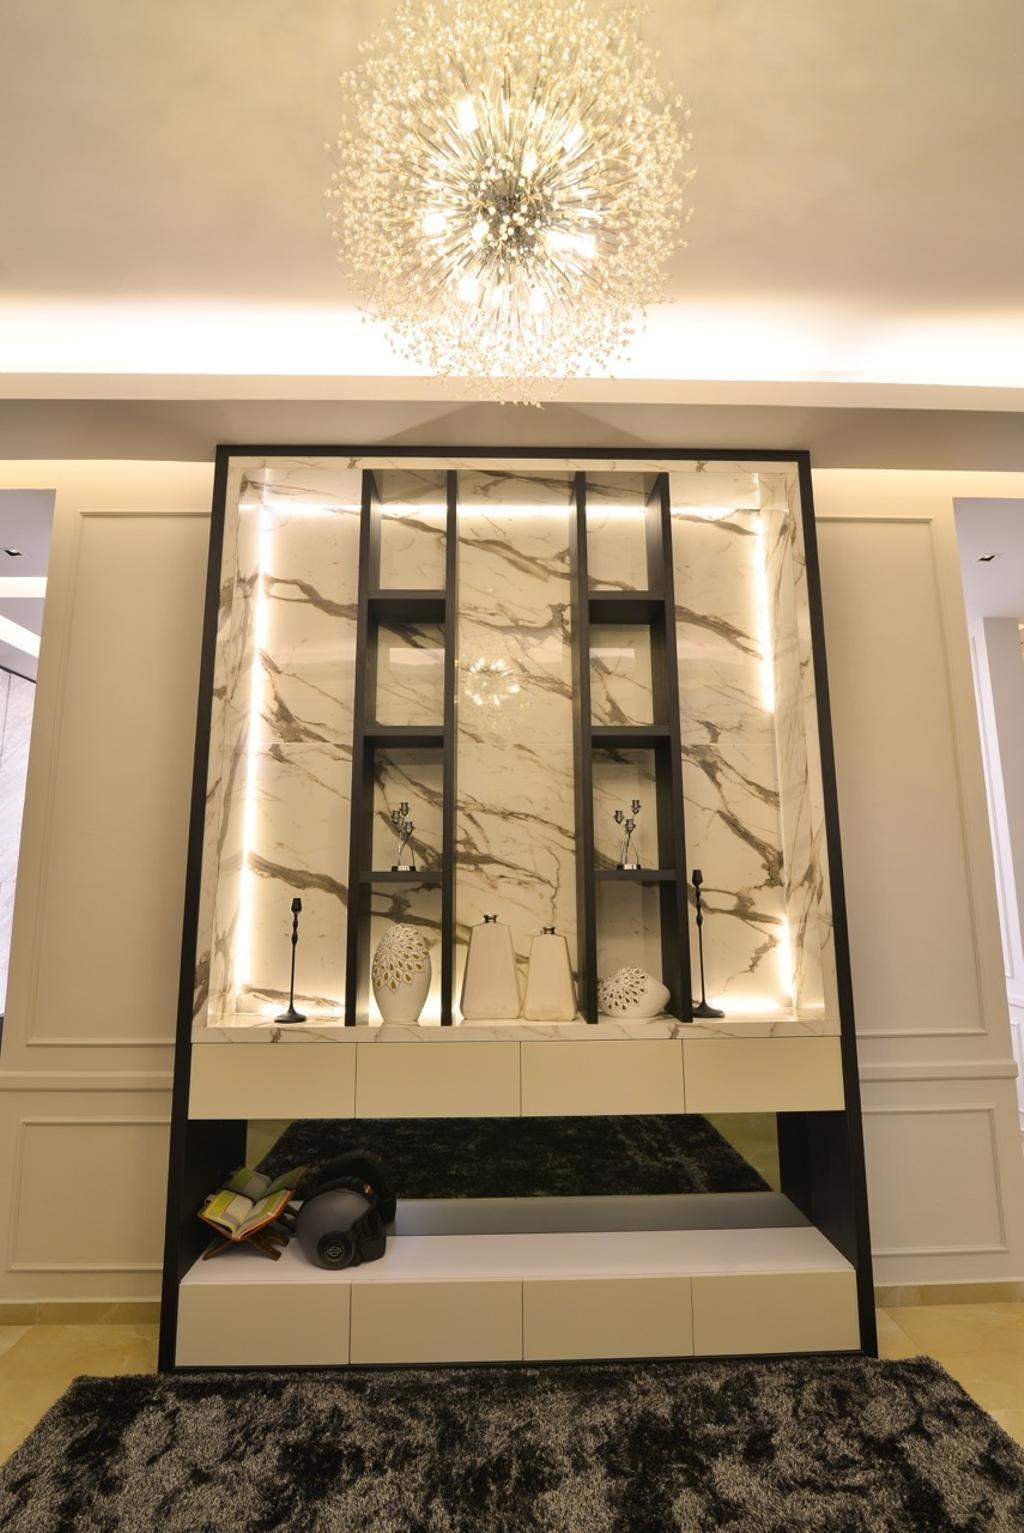 Transitional, Landed, Pekan, Interior Designer, Klaasmen Sdn. Bhd., Mirror